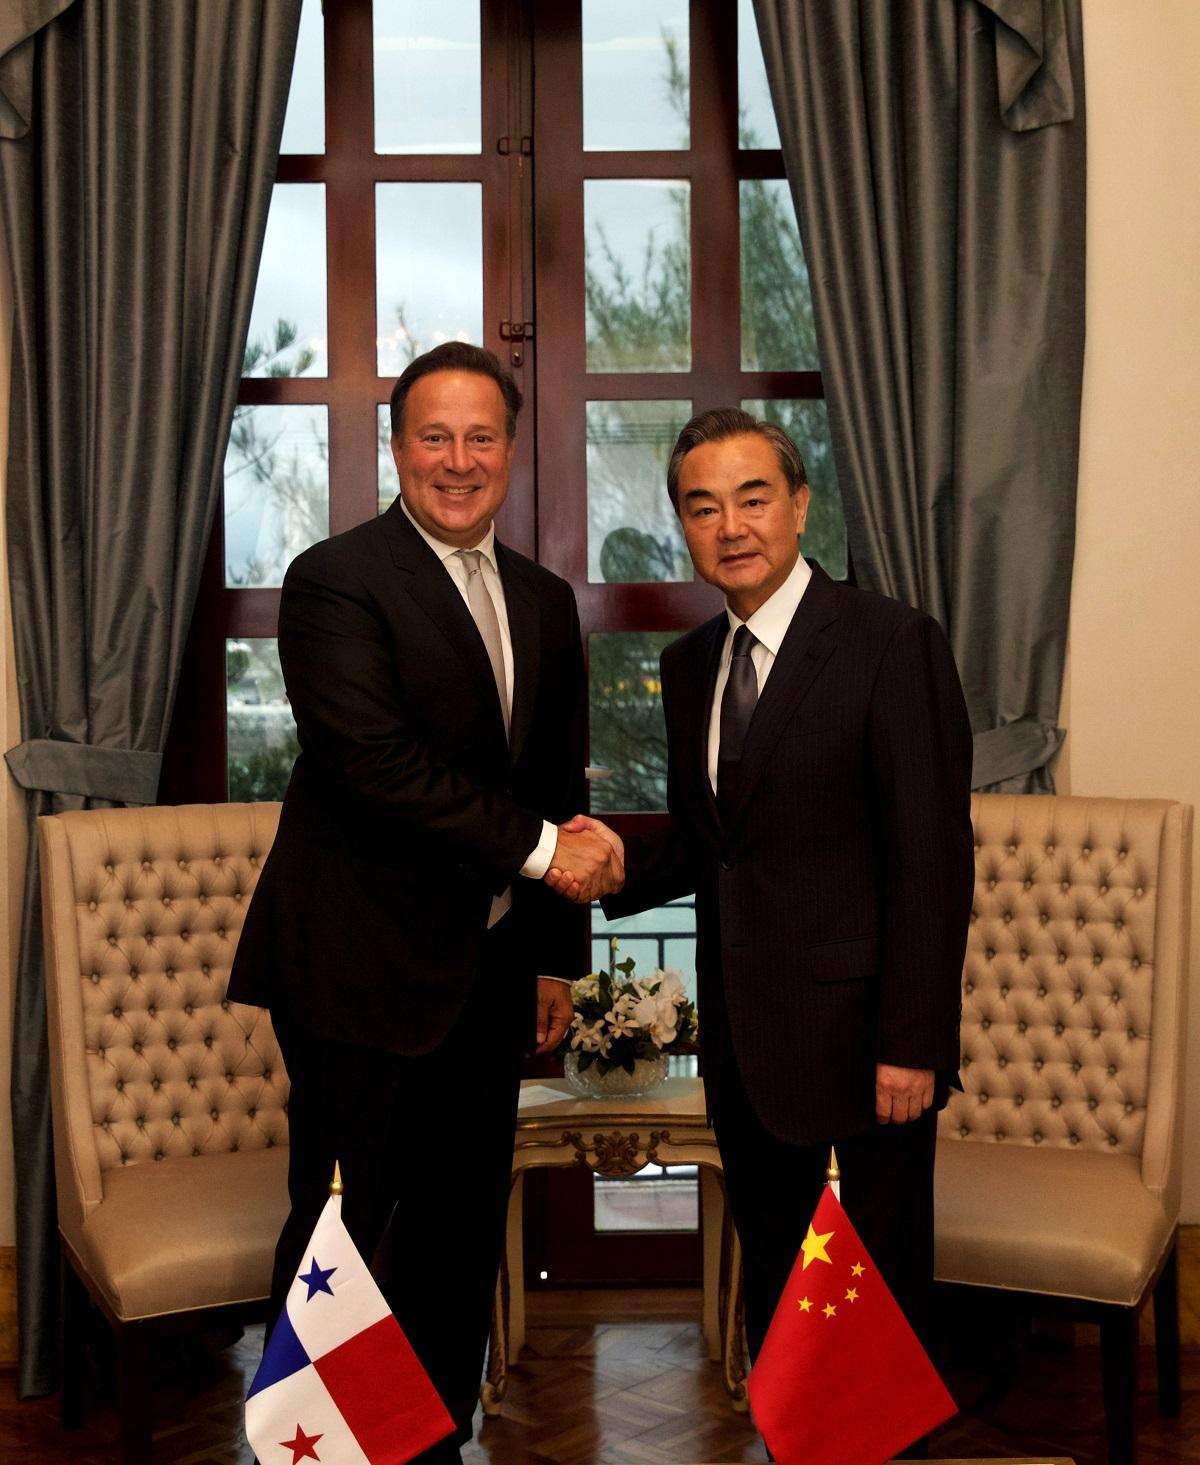 2017年9月16日,巴拿马总统巴雷拉(左)在巴拿马城总统府会见中国外交部长王毅。(新华社记者淡航摄)